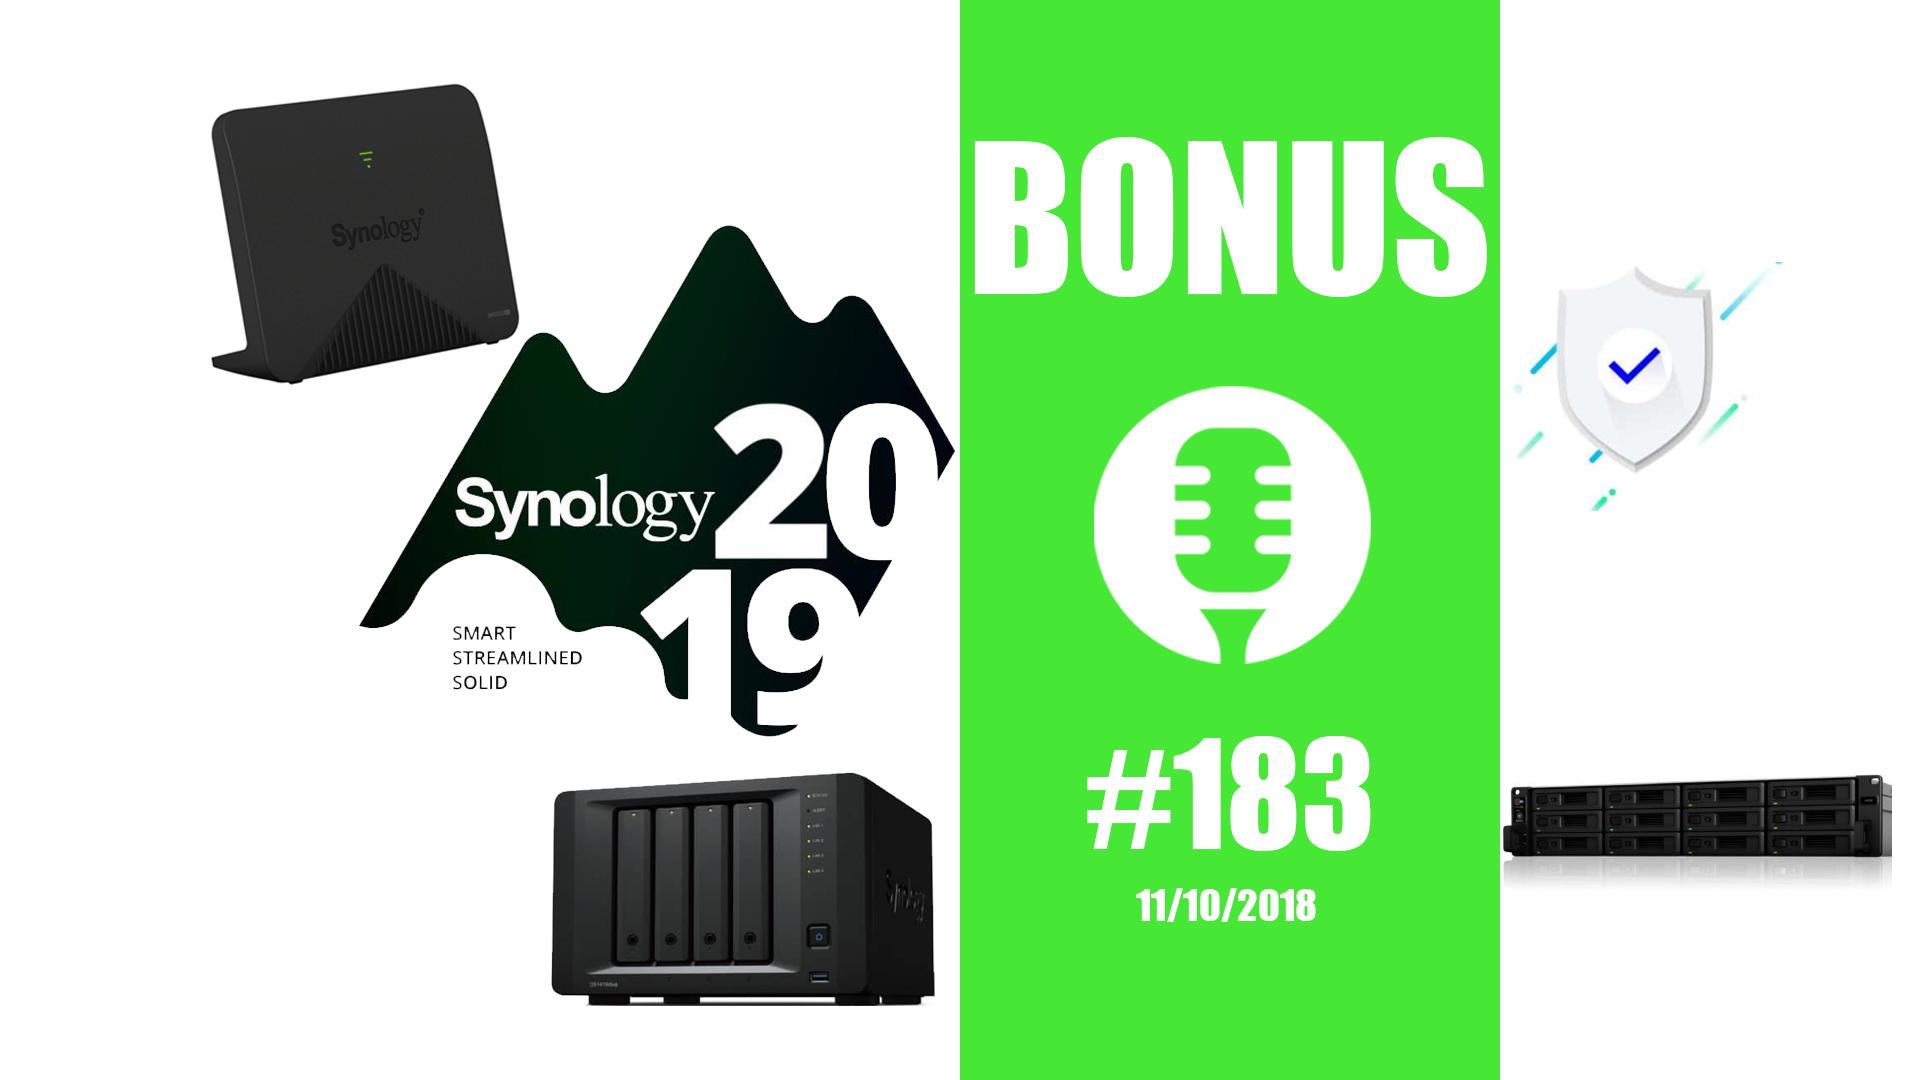 Bonus #183 : Conférence Synology 2019, les annonces